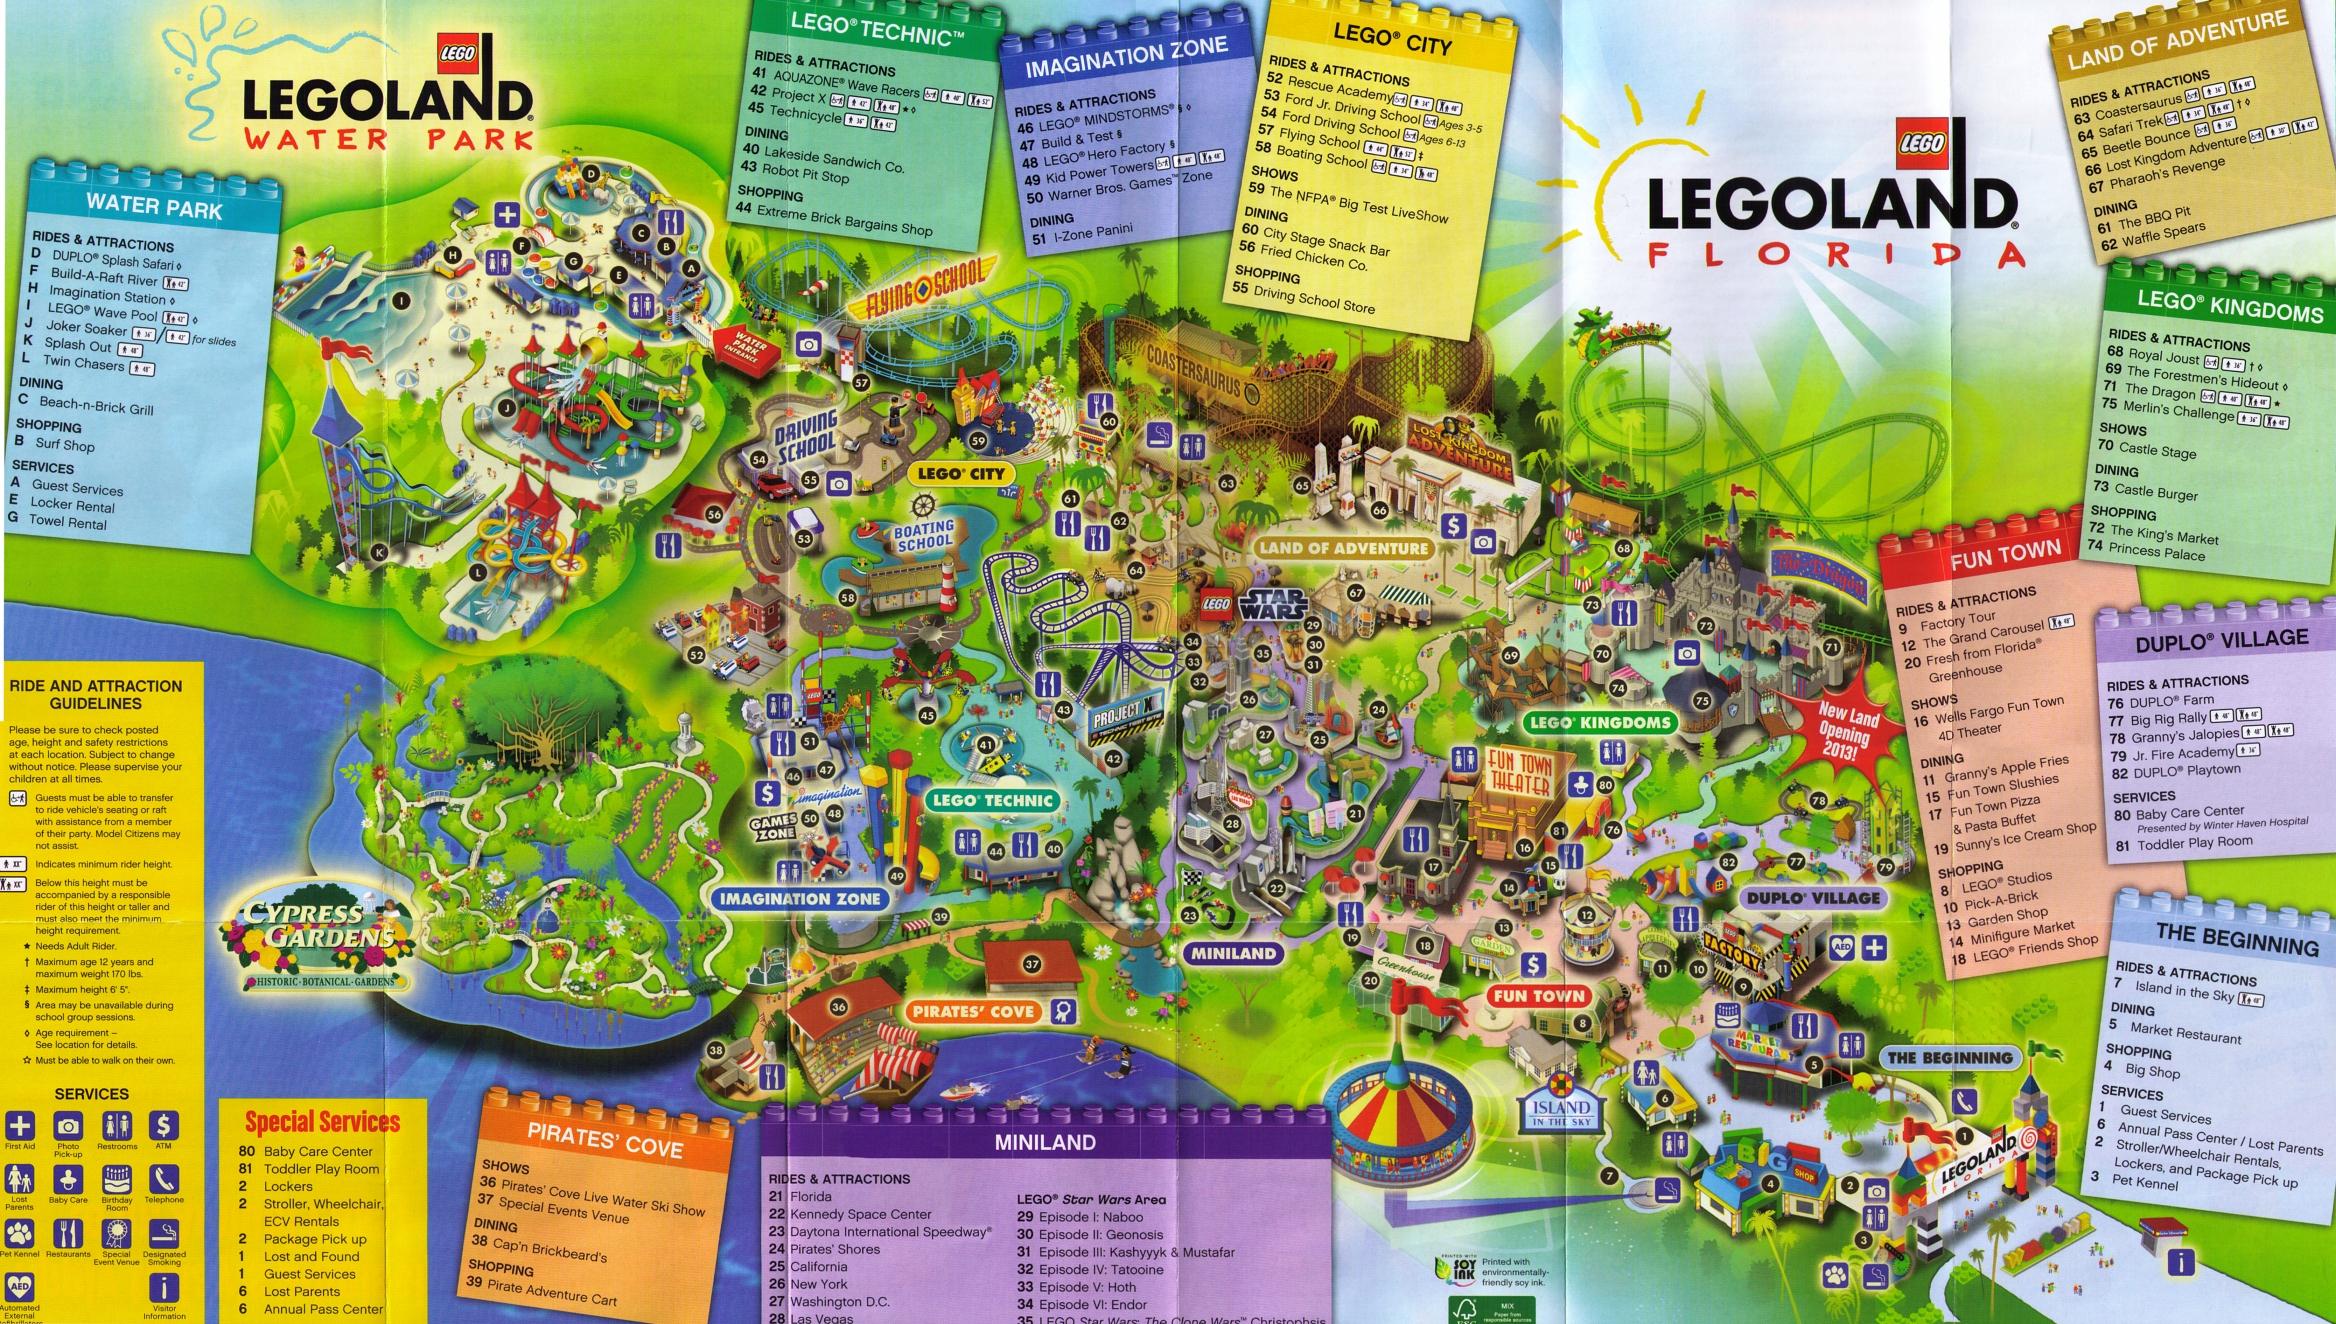 Legoland Florida Map Pdf | Verkuilenschaaij - Legoland Florida Map